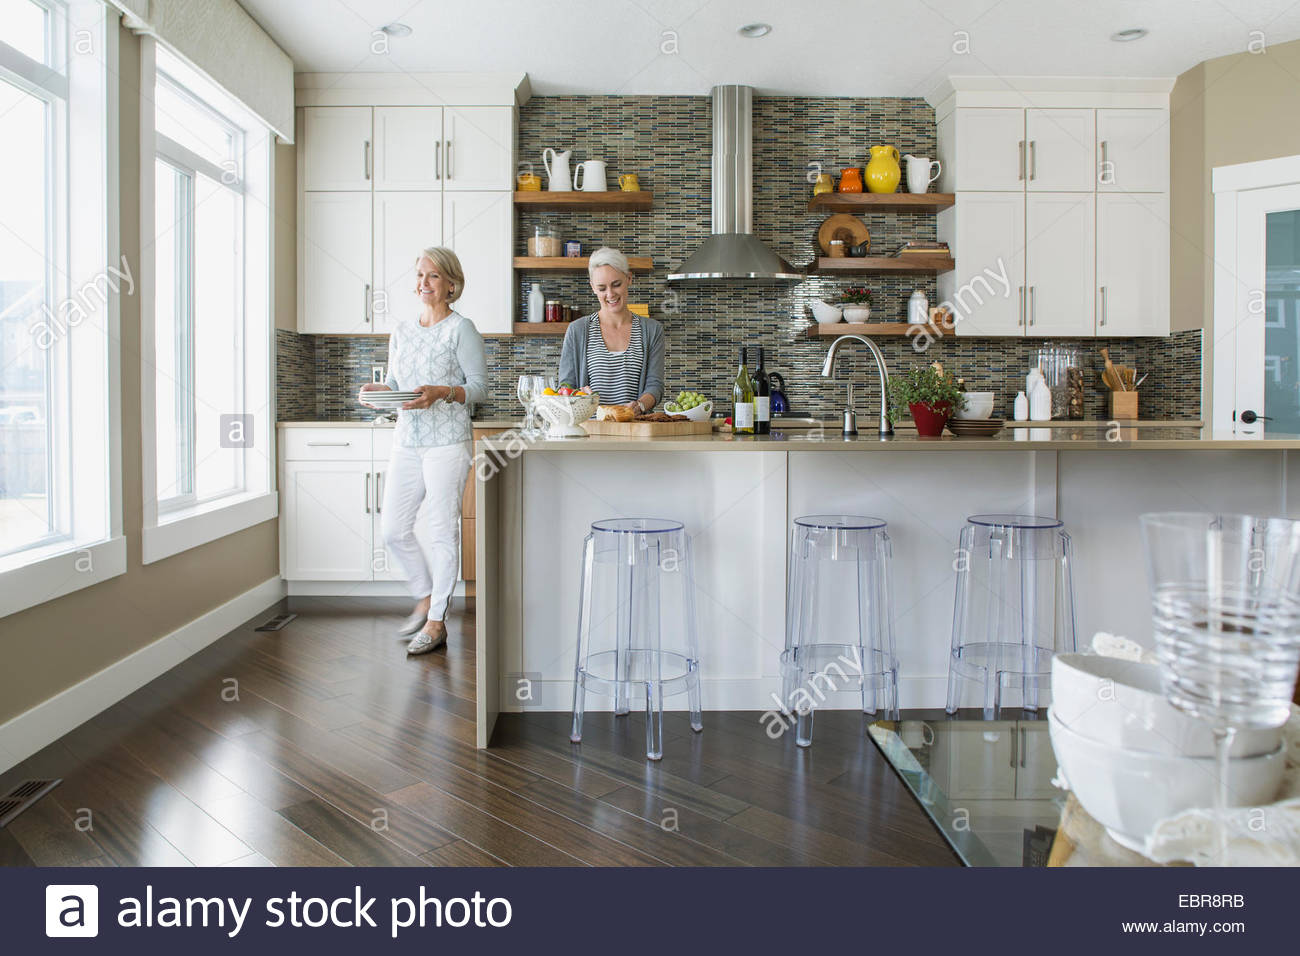 Las mujeres cocinar en la cocina Imagen De Stock